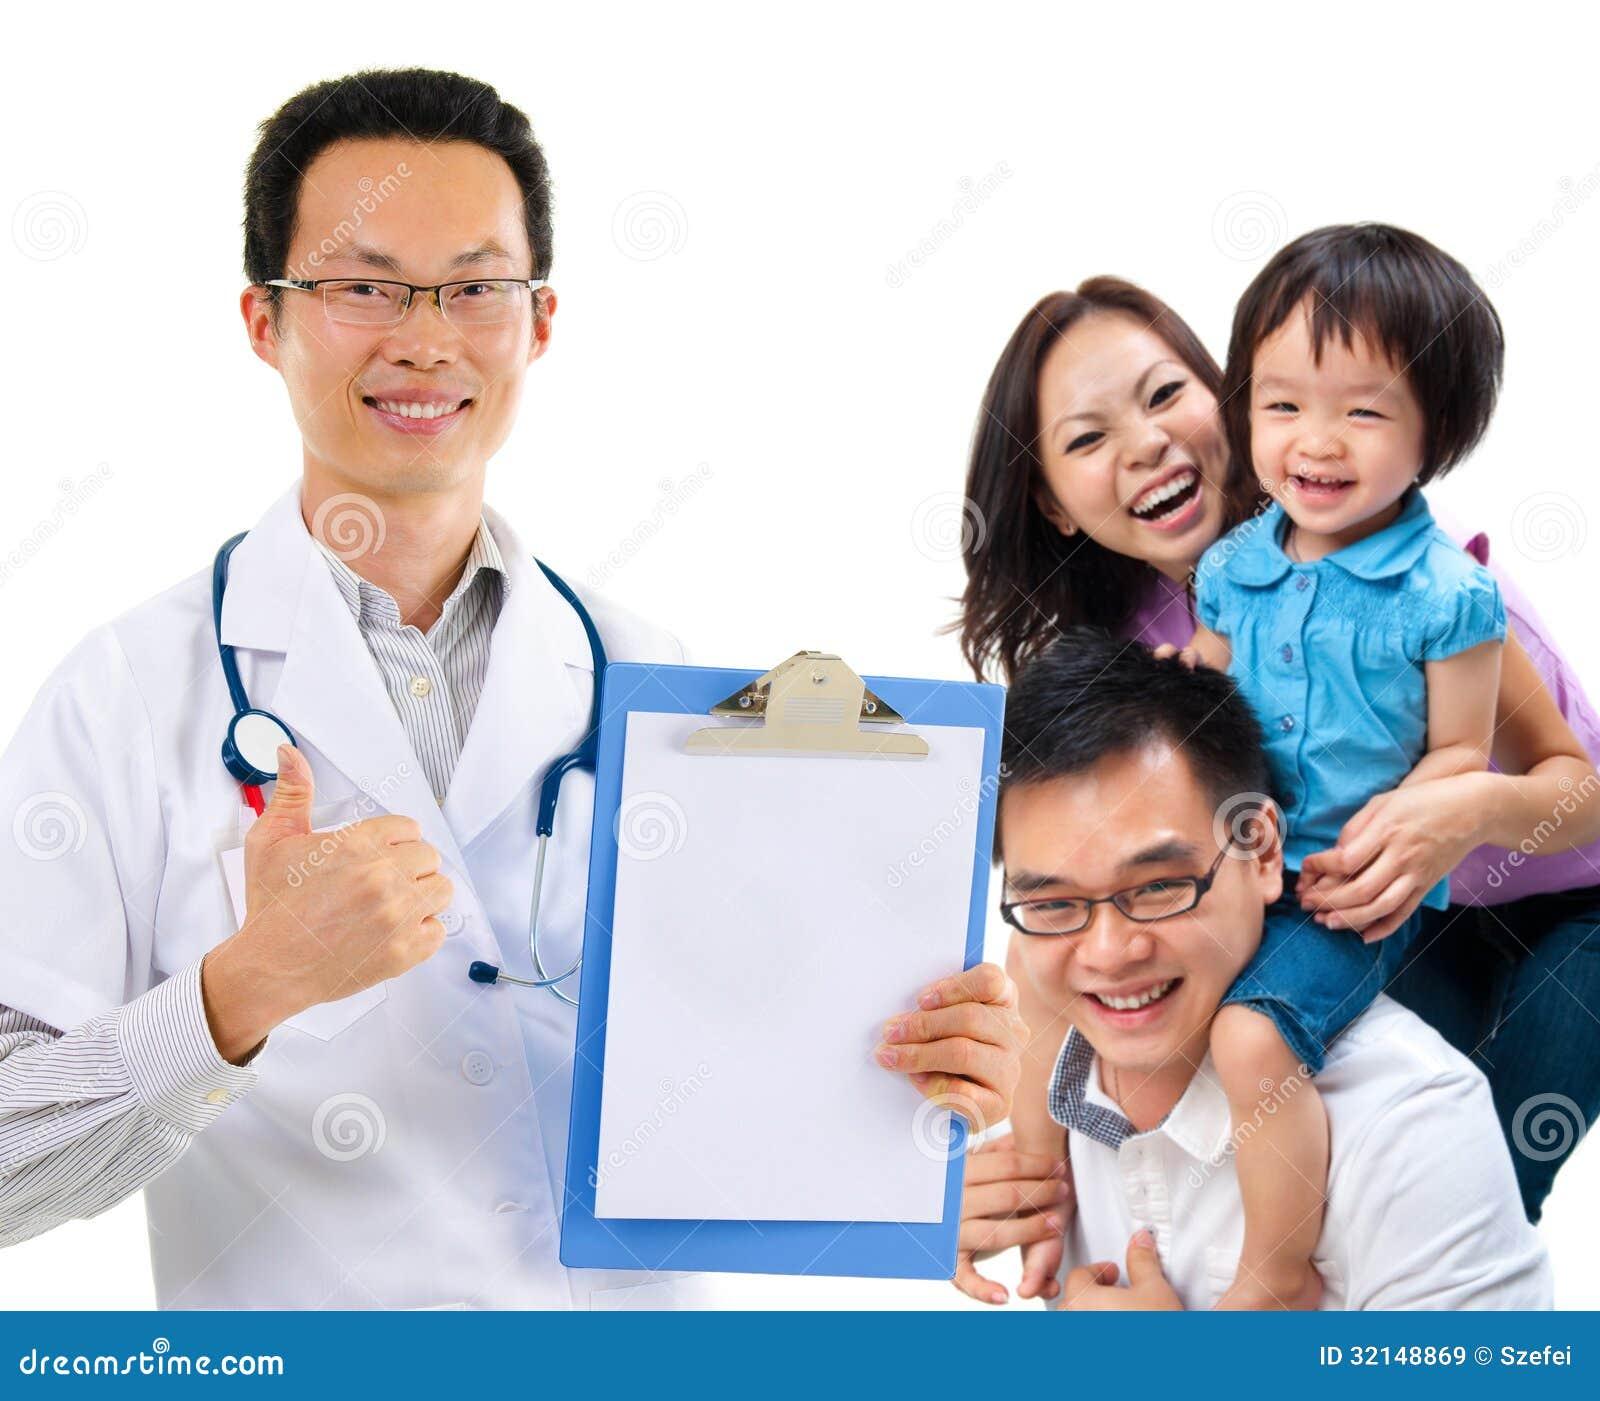 Chiński męski lekarz medycyny i potomstwo pacjenta rodzina